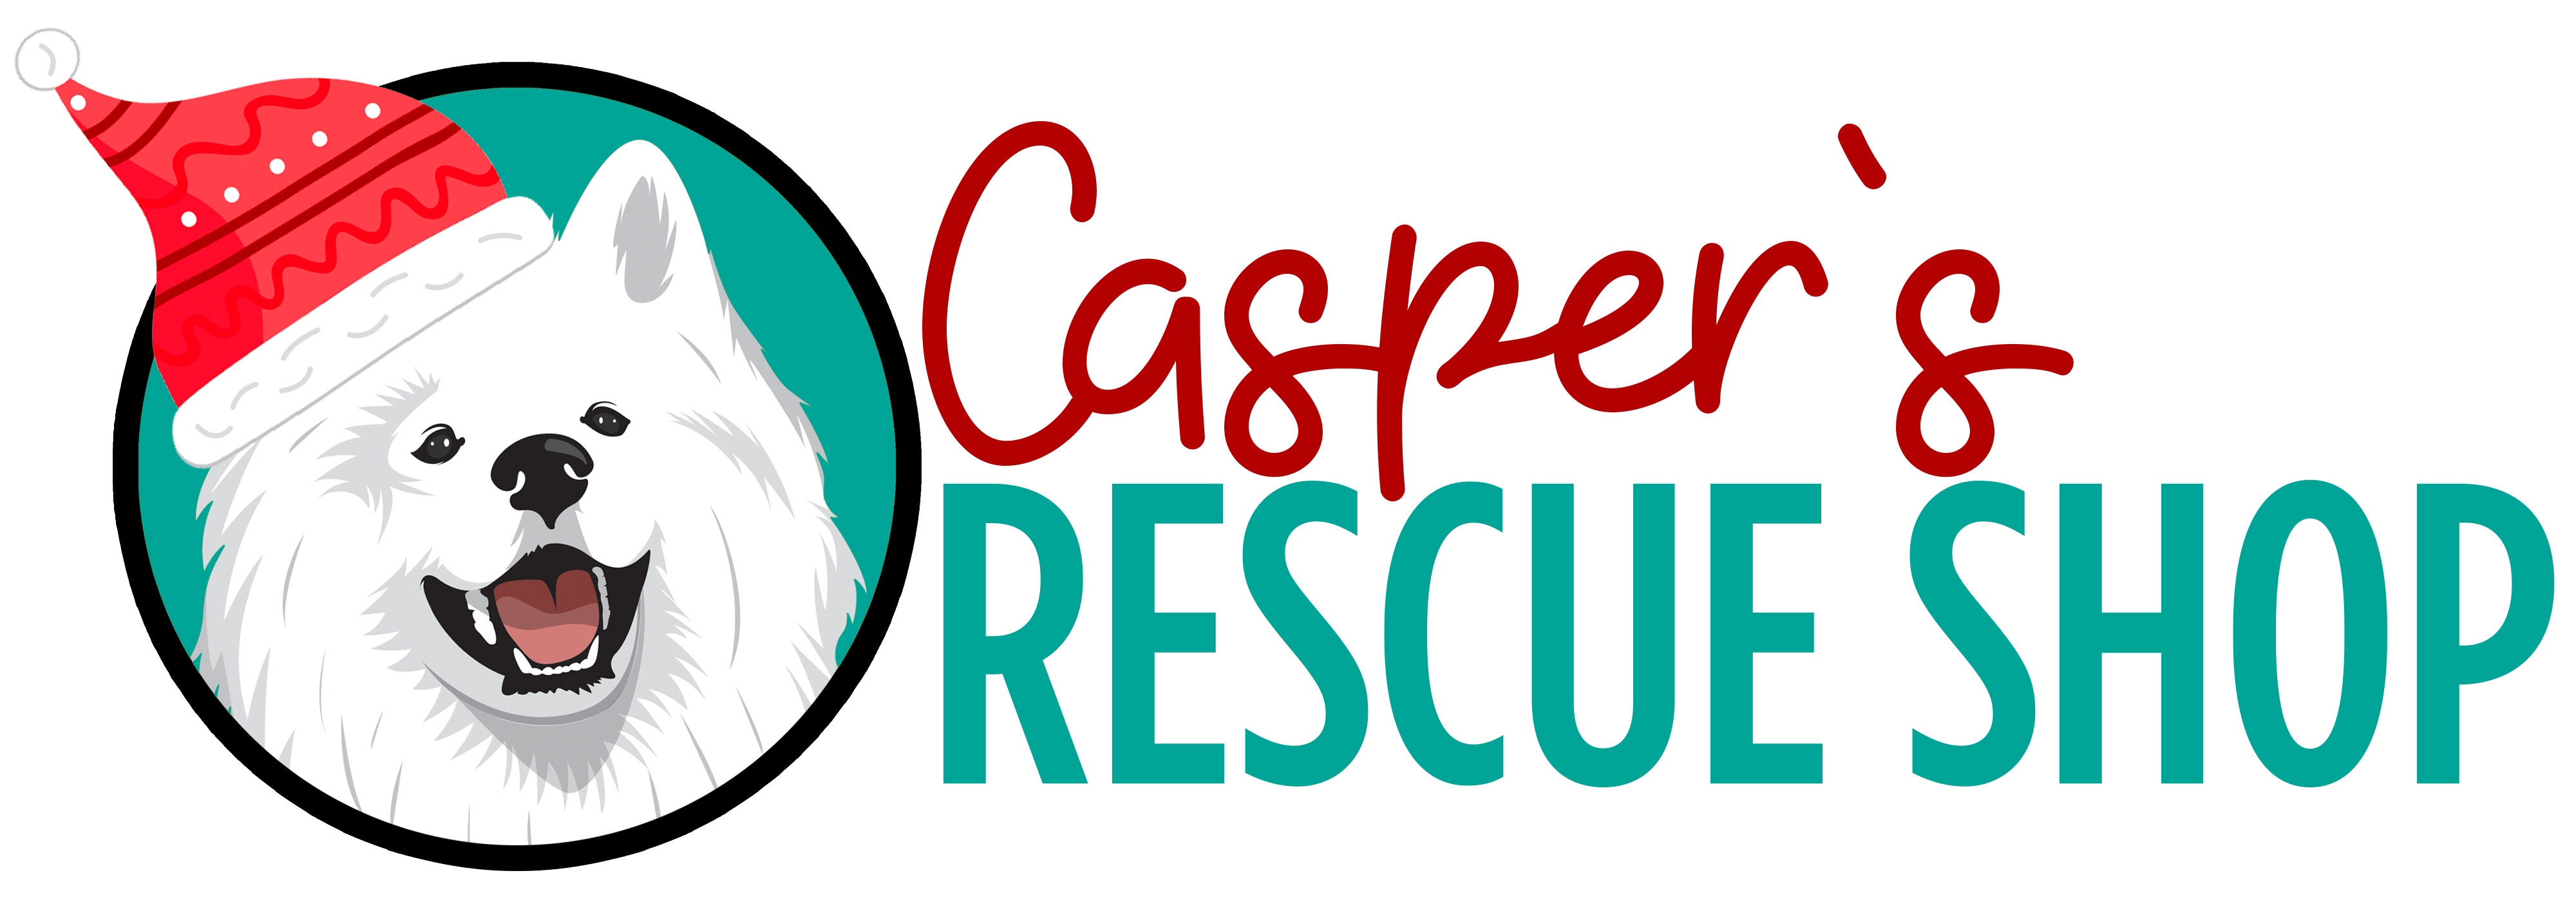 Casper's Rescue Shop